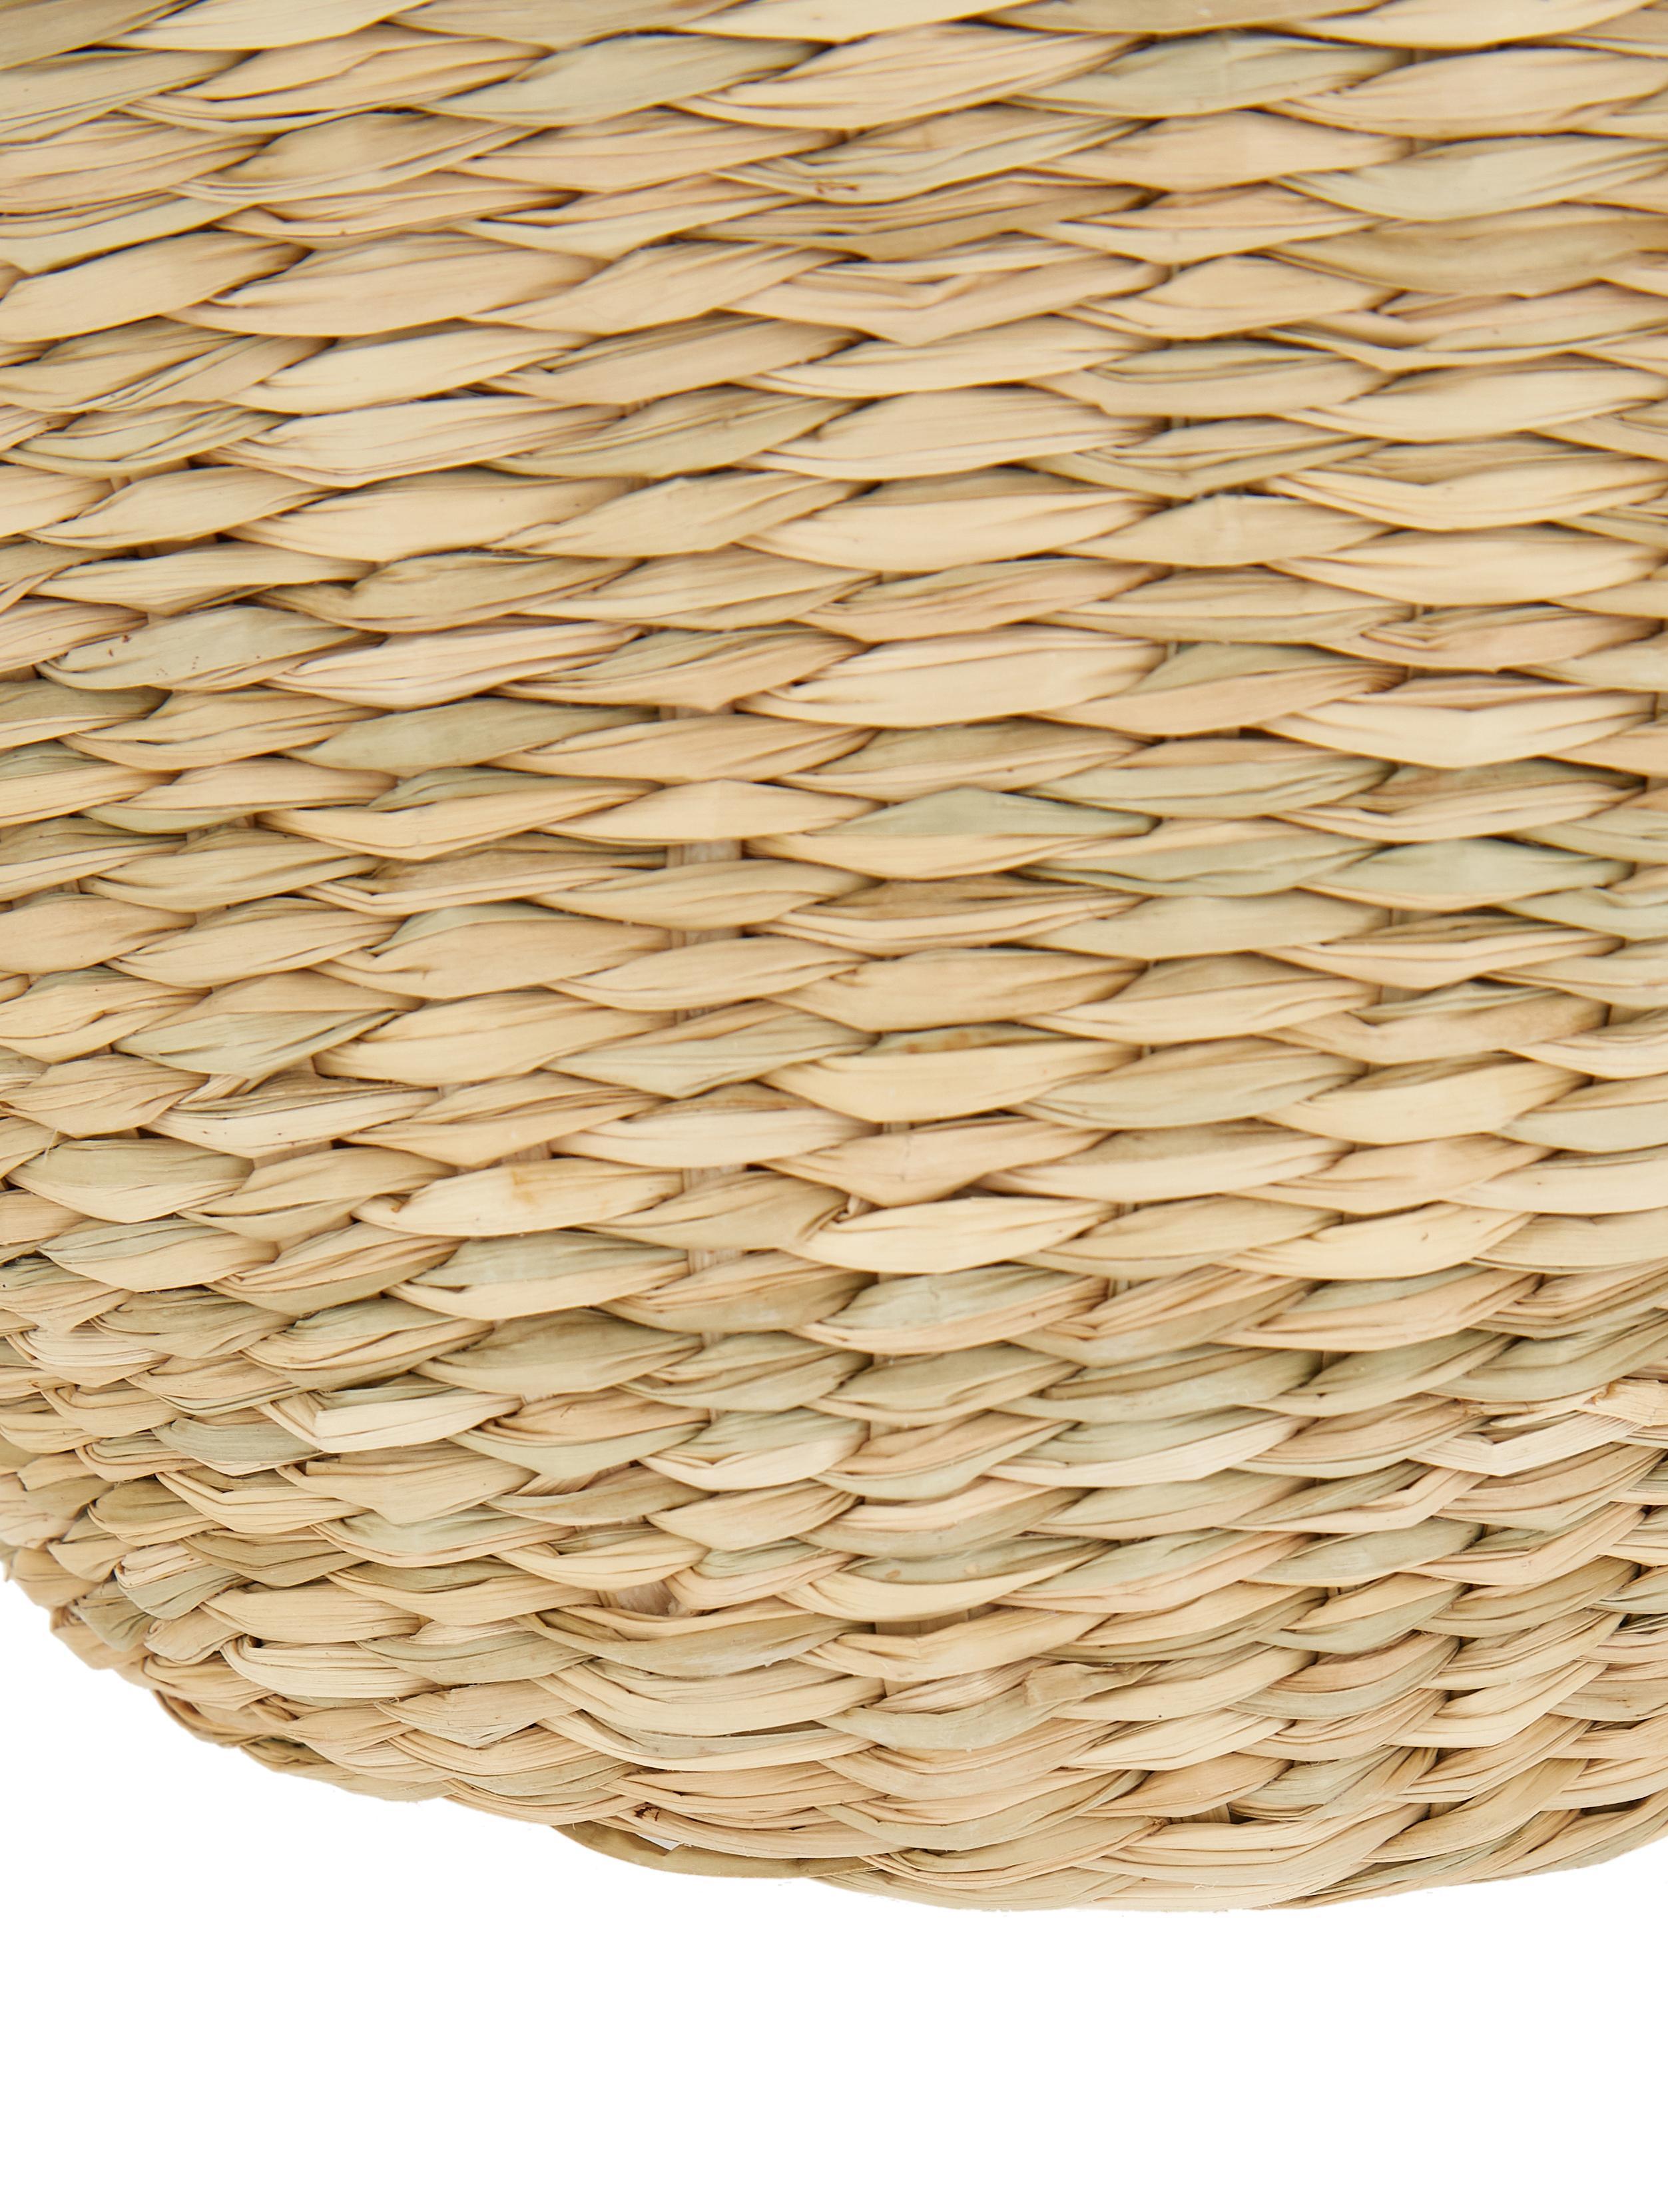 XL Aufbewahrungskorb-Set Oliver, 3-tlg., Seegras, geflochten, Seegras, Sondergrößen